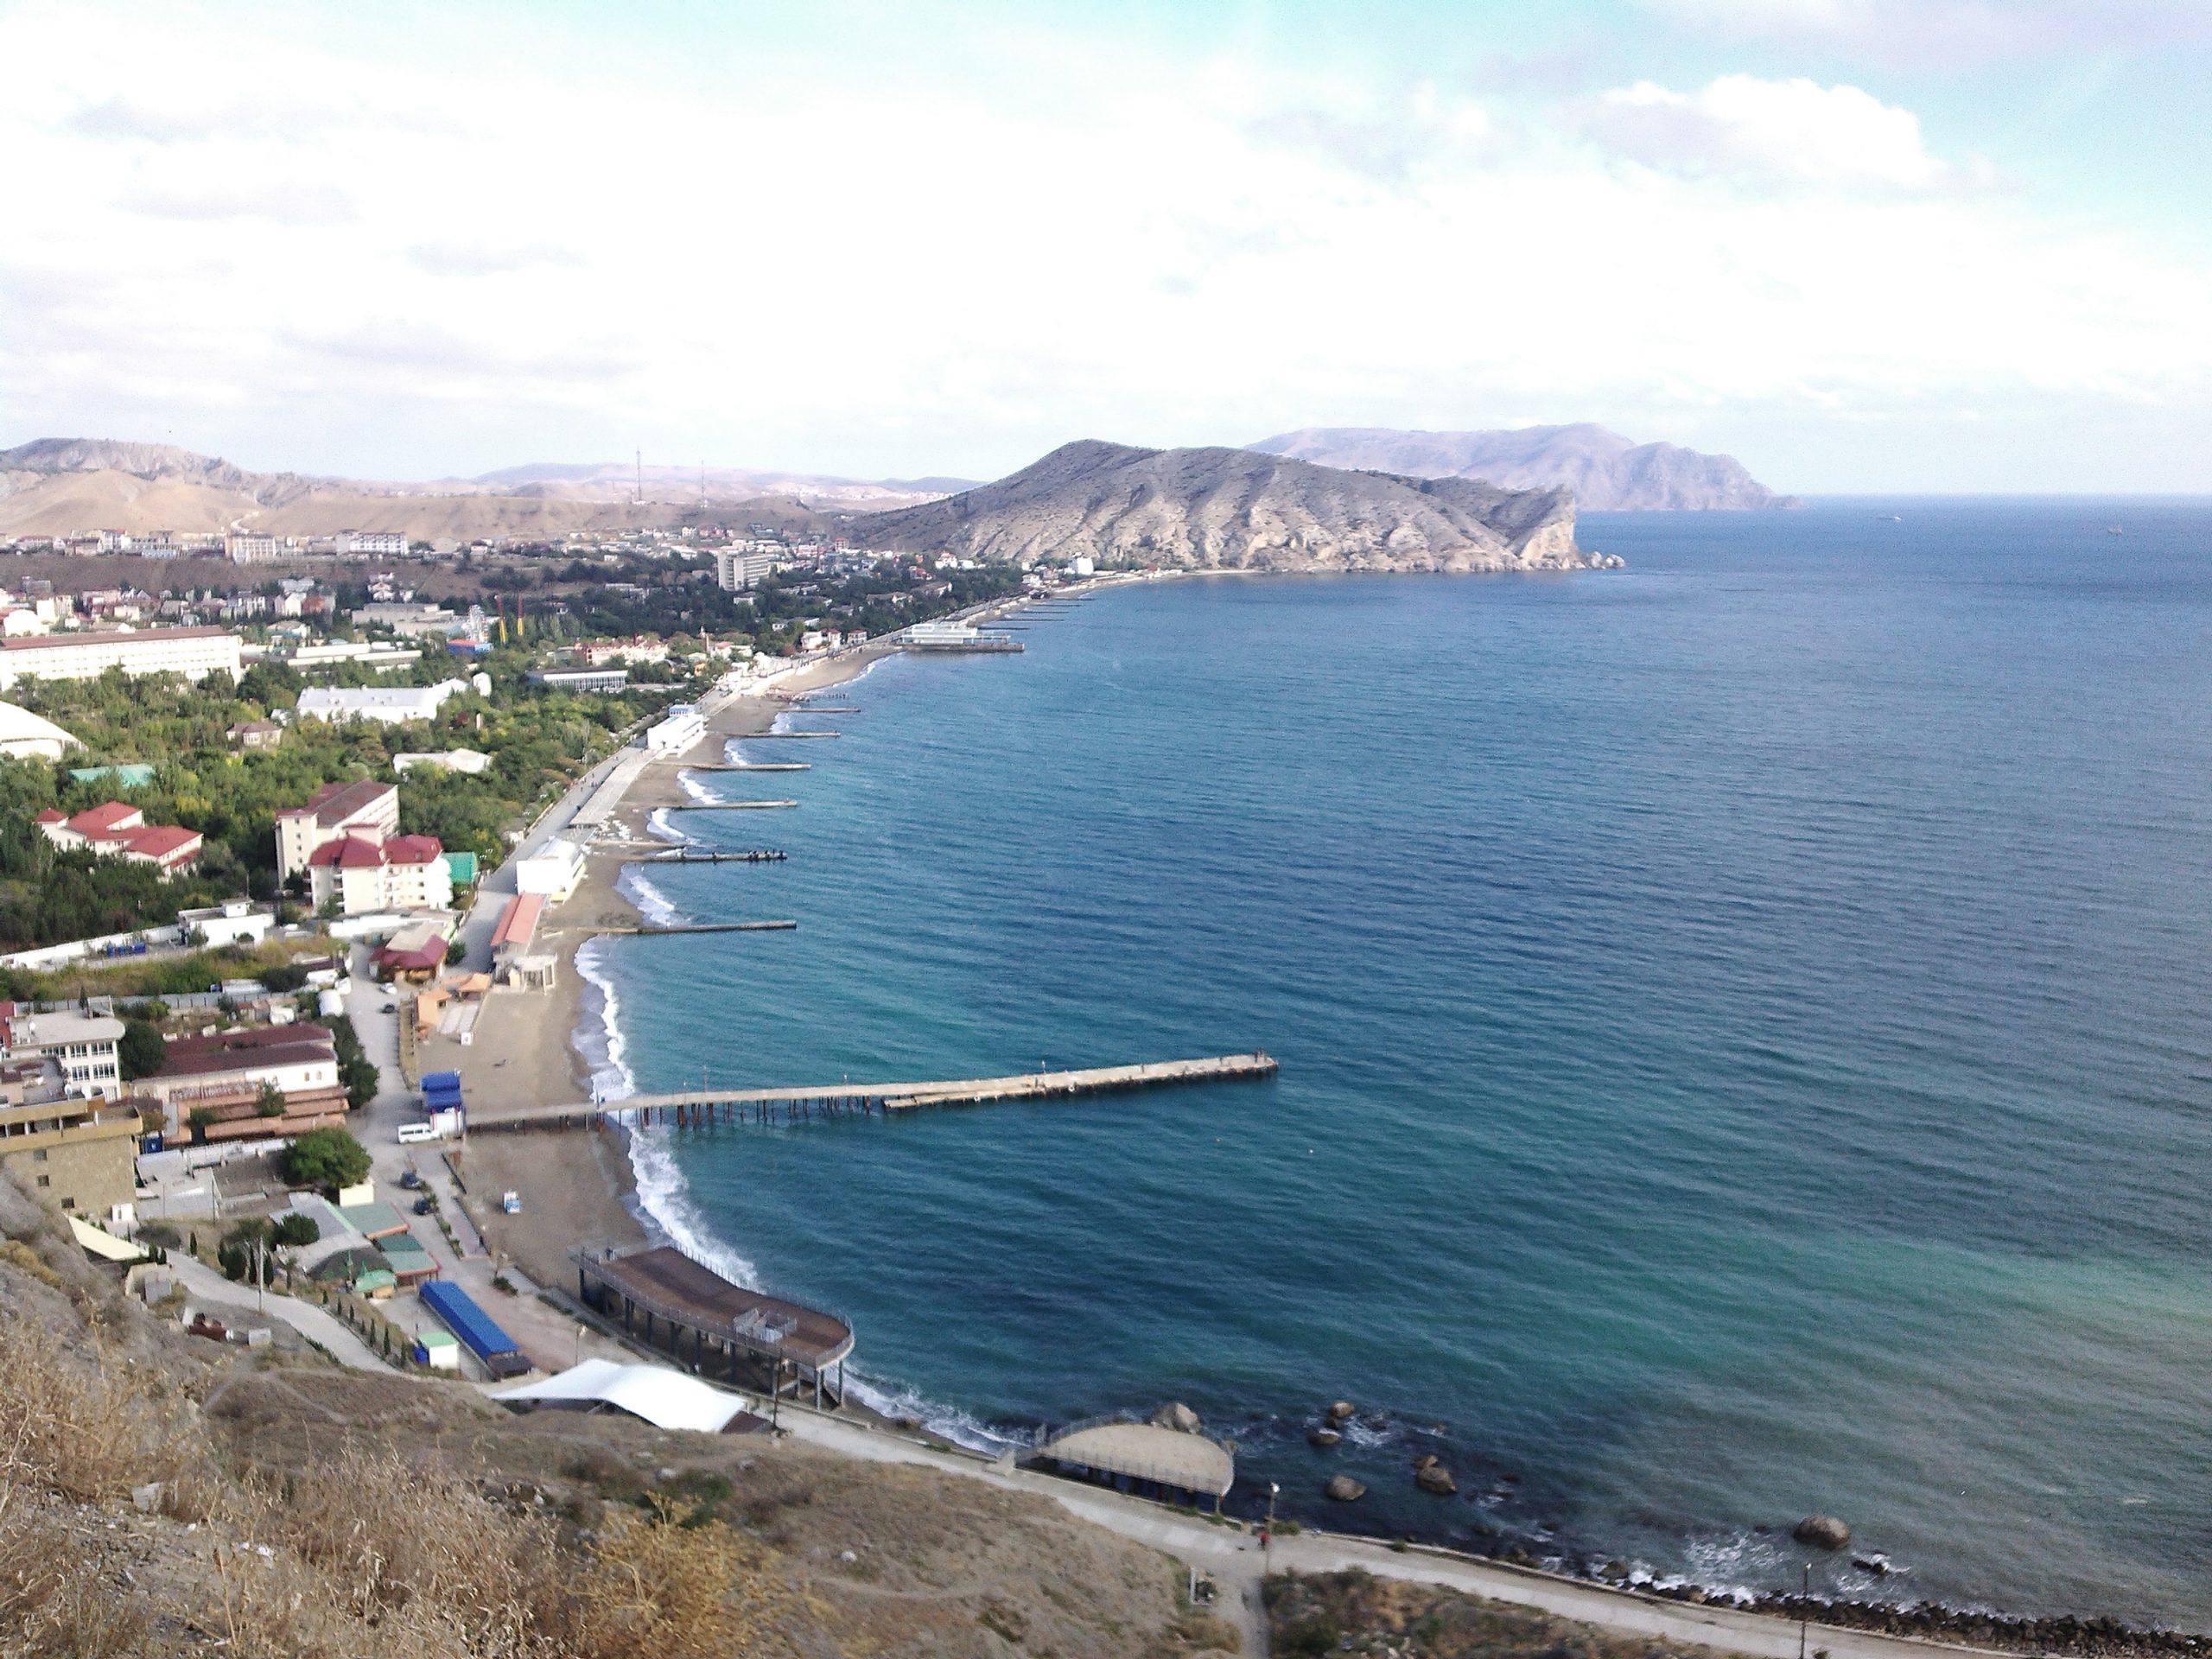 В Крыму разило «русским миром»: известный курорт залит фекалиями. ФОТО